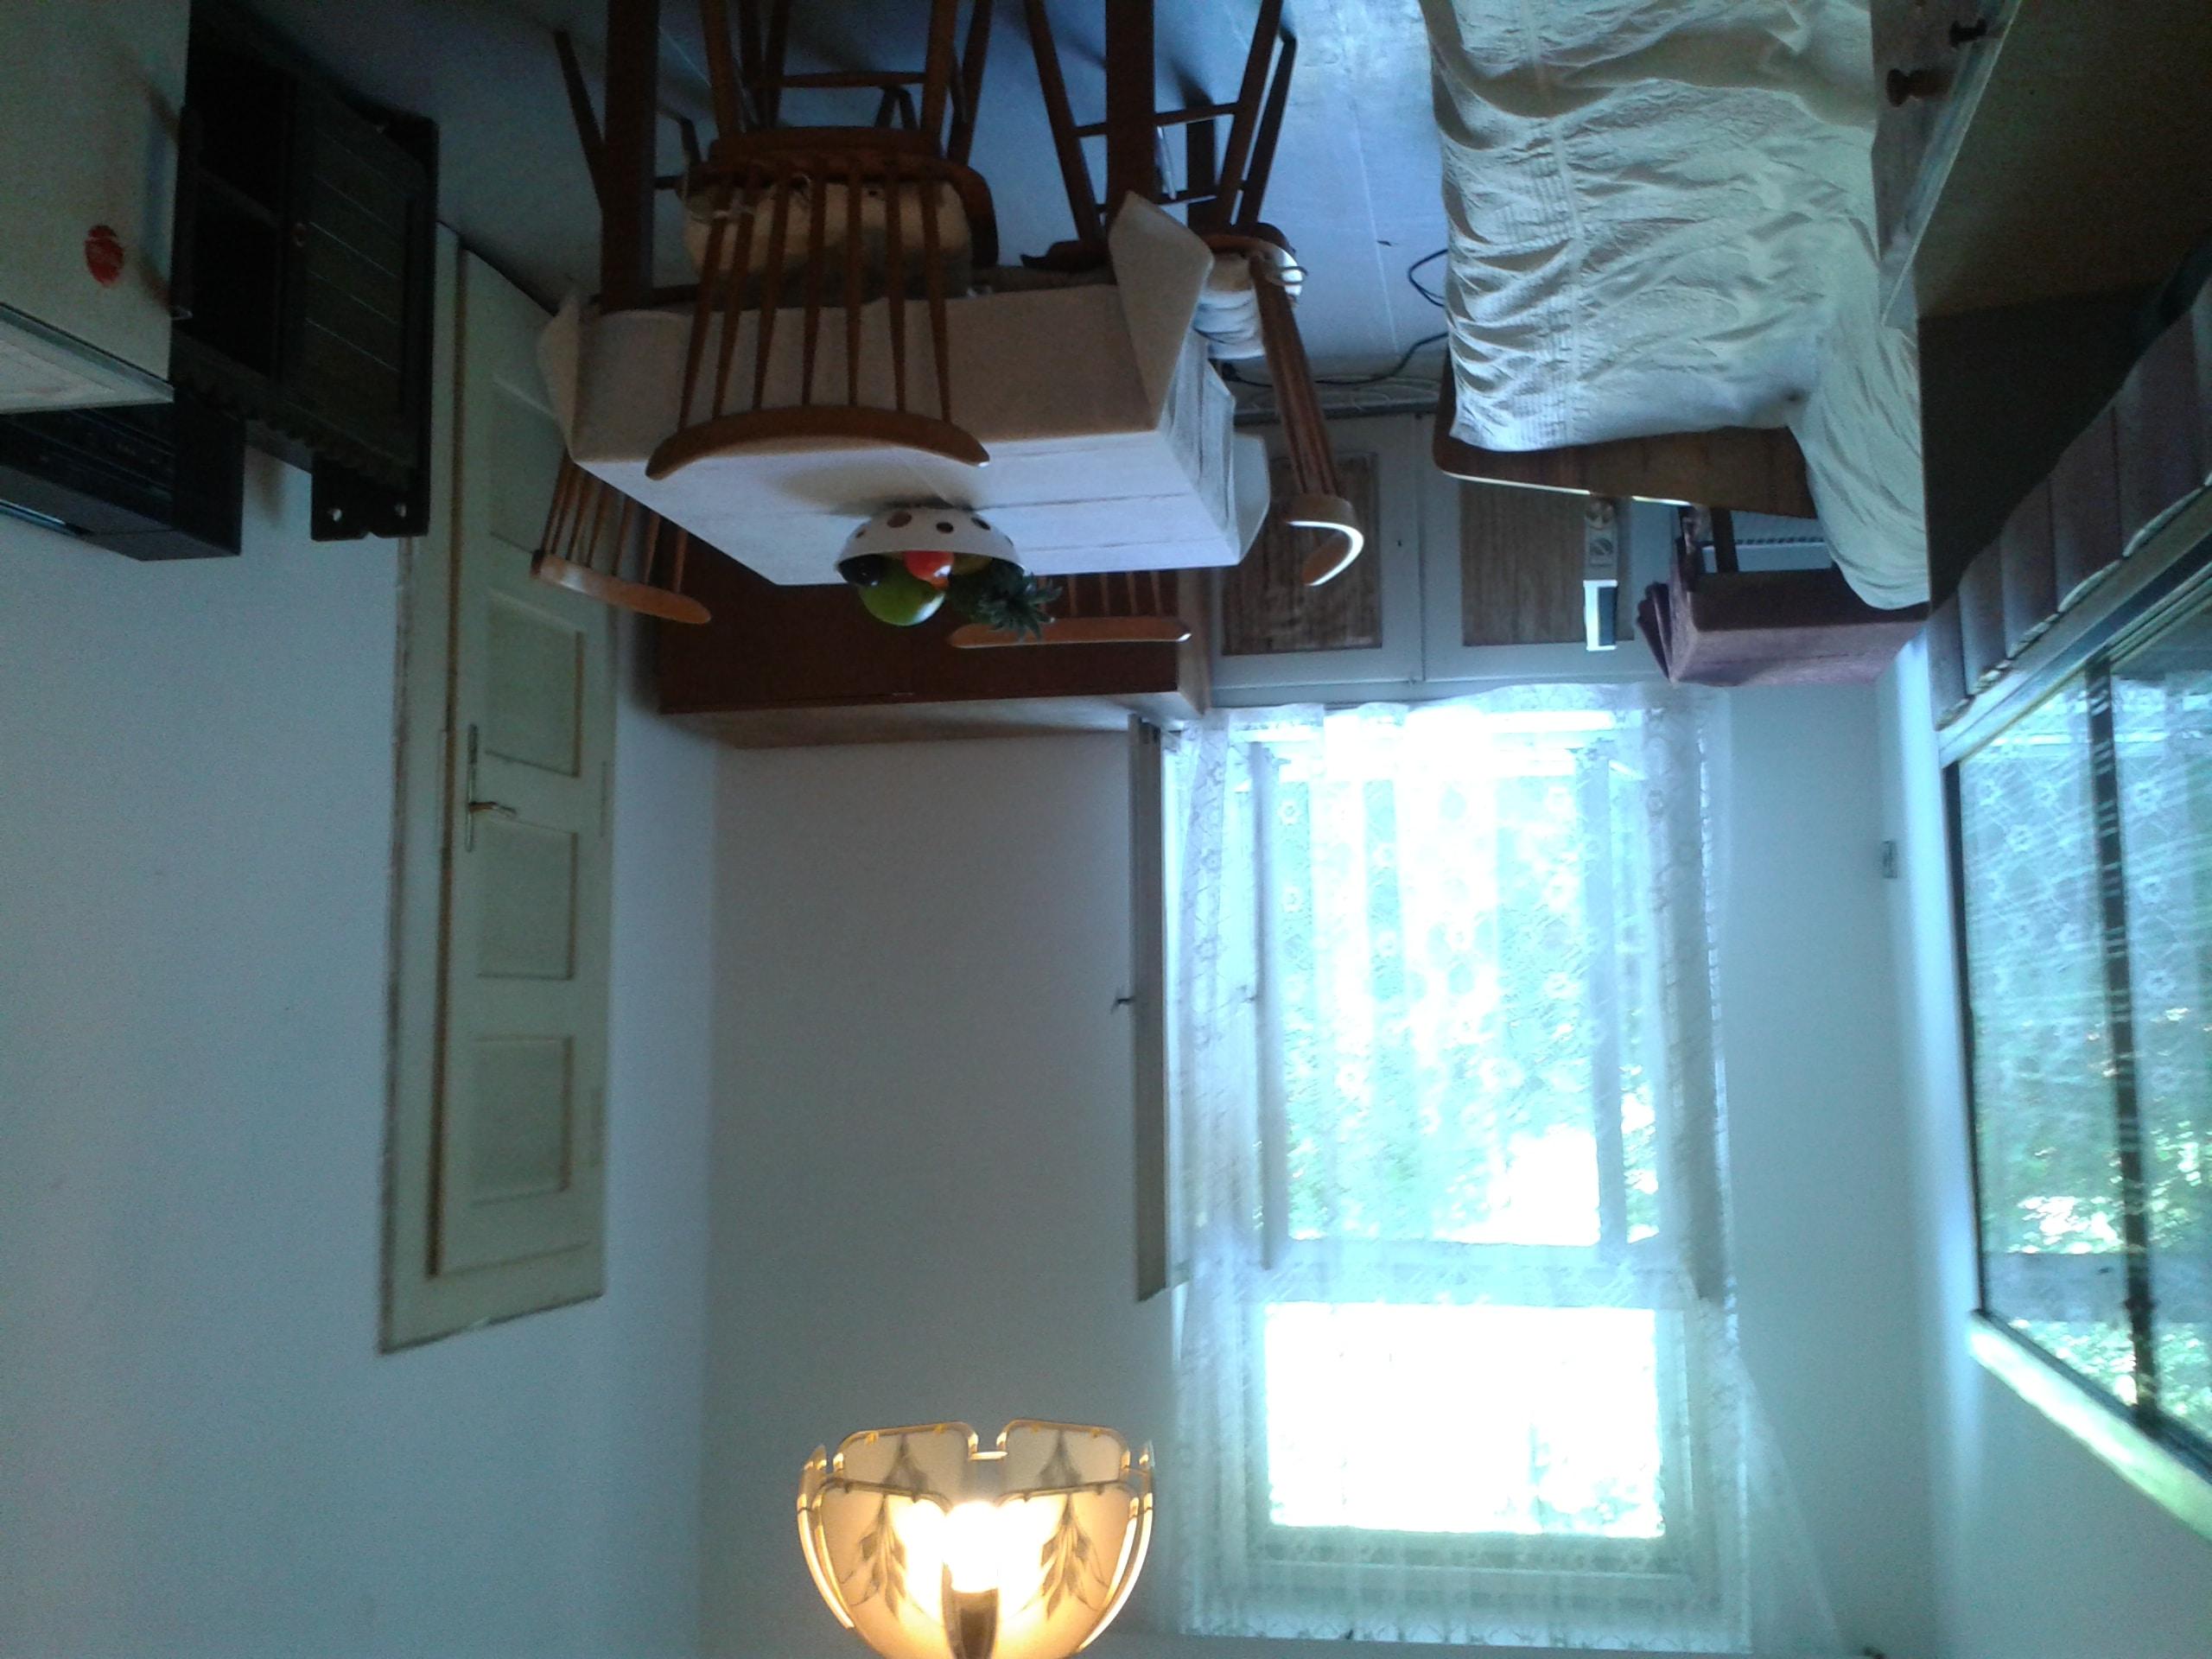 למכירה דירת 2 חדרים בשכונת ז'יז'קוב בפראג11 (4)